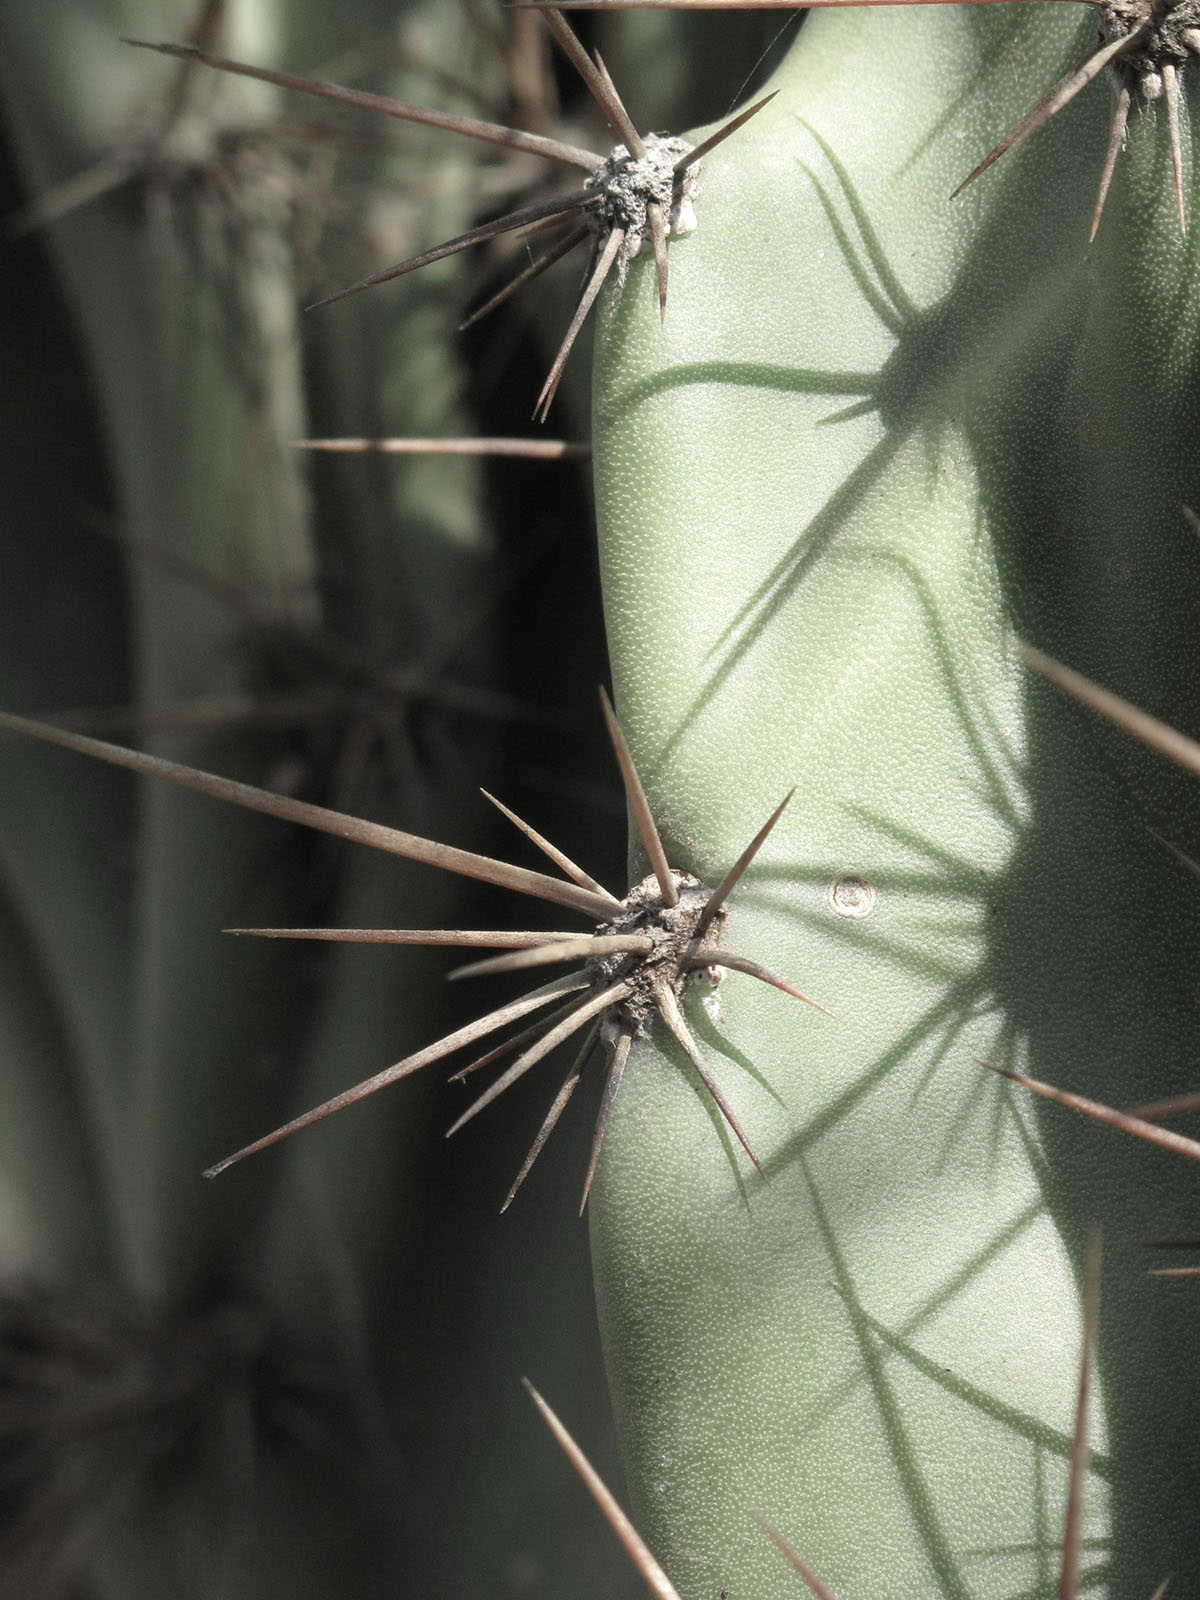 Cereus hildmannianmus 'Monstrous' 17